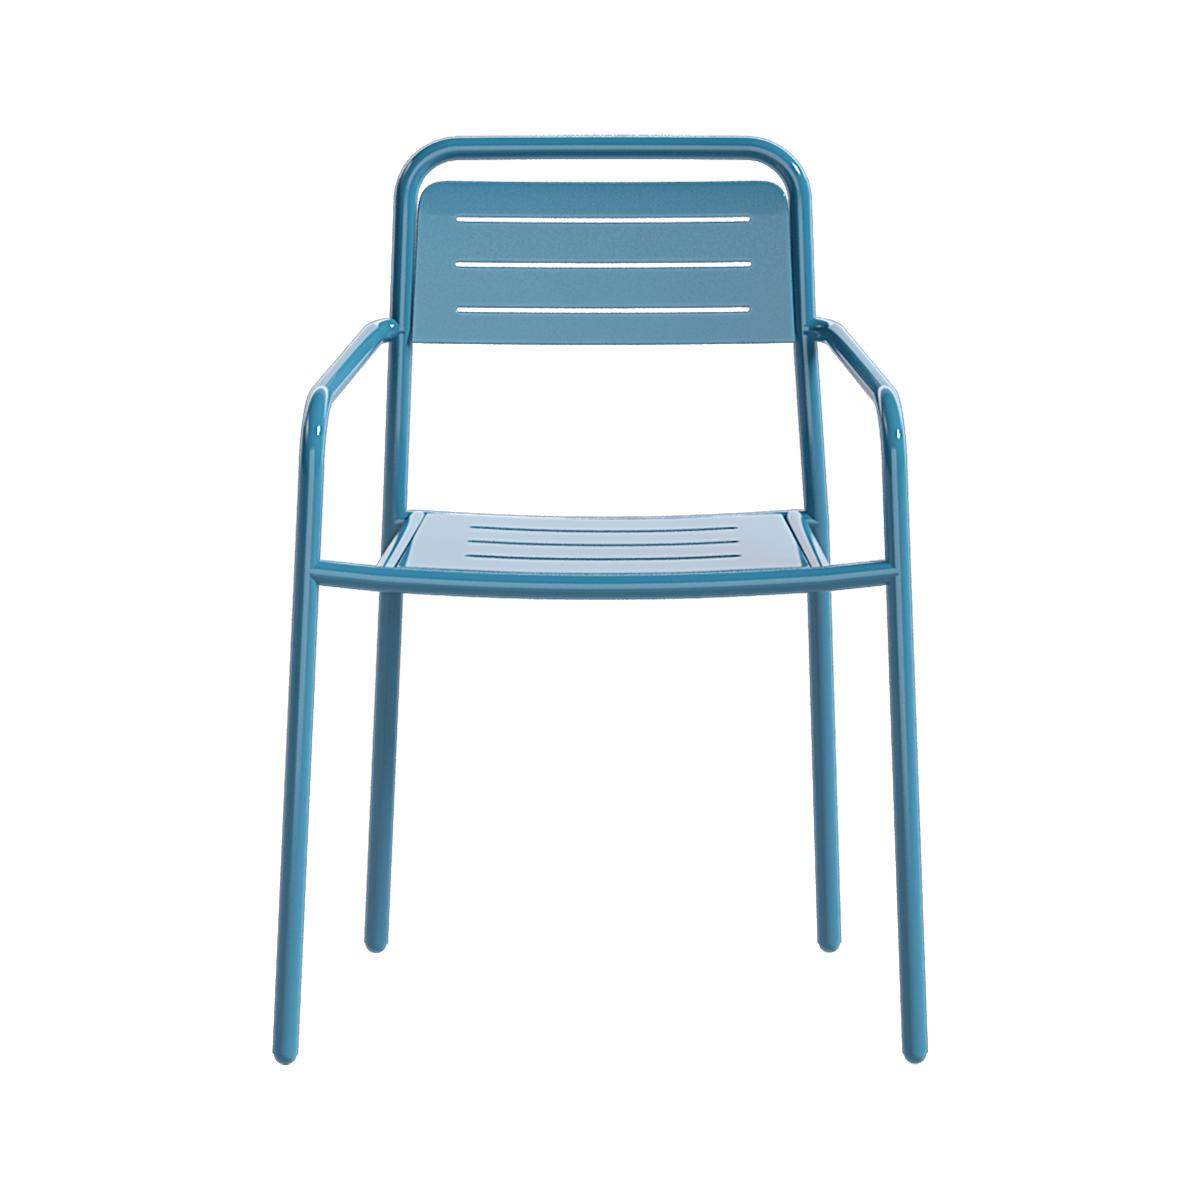 Stripe chair - на 360.ru: цены, описание, характеристики, где купить в Москве.